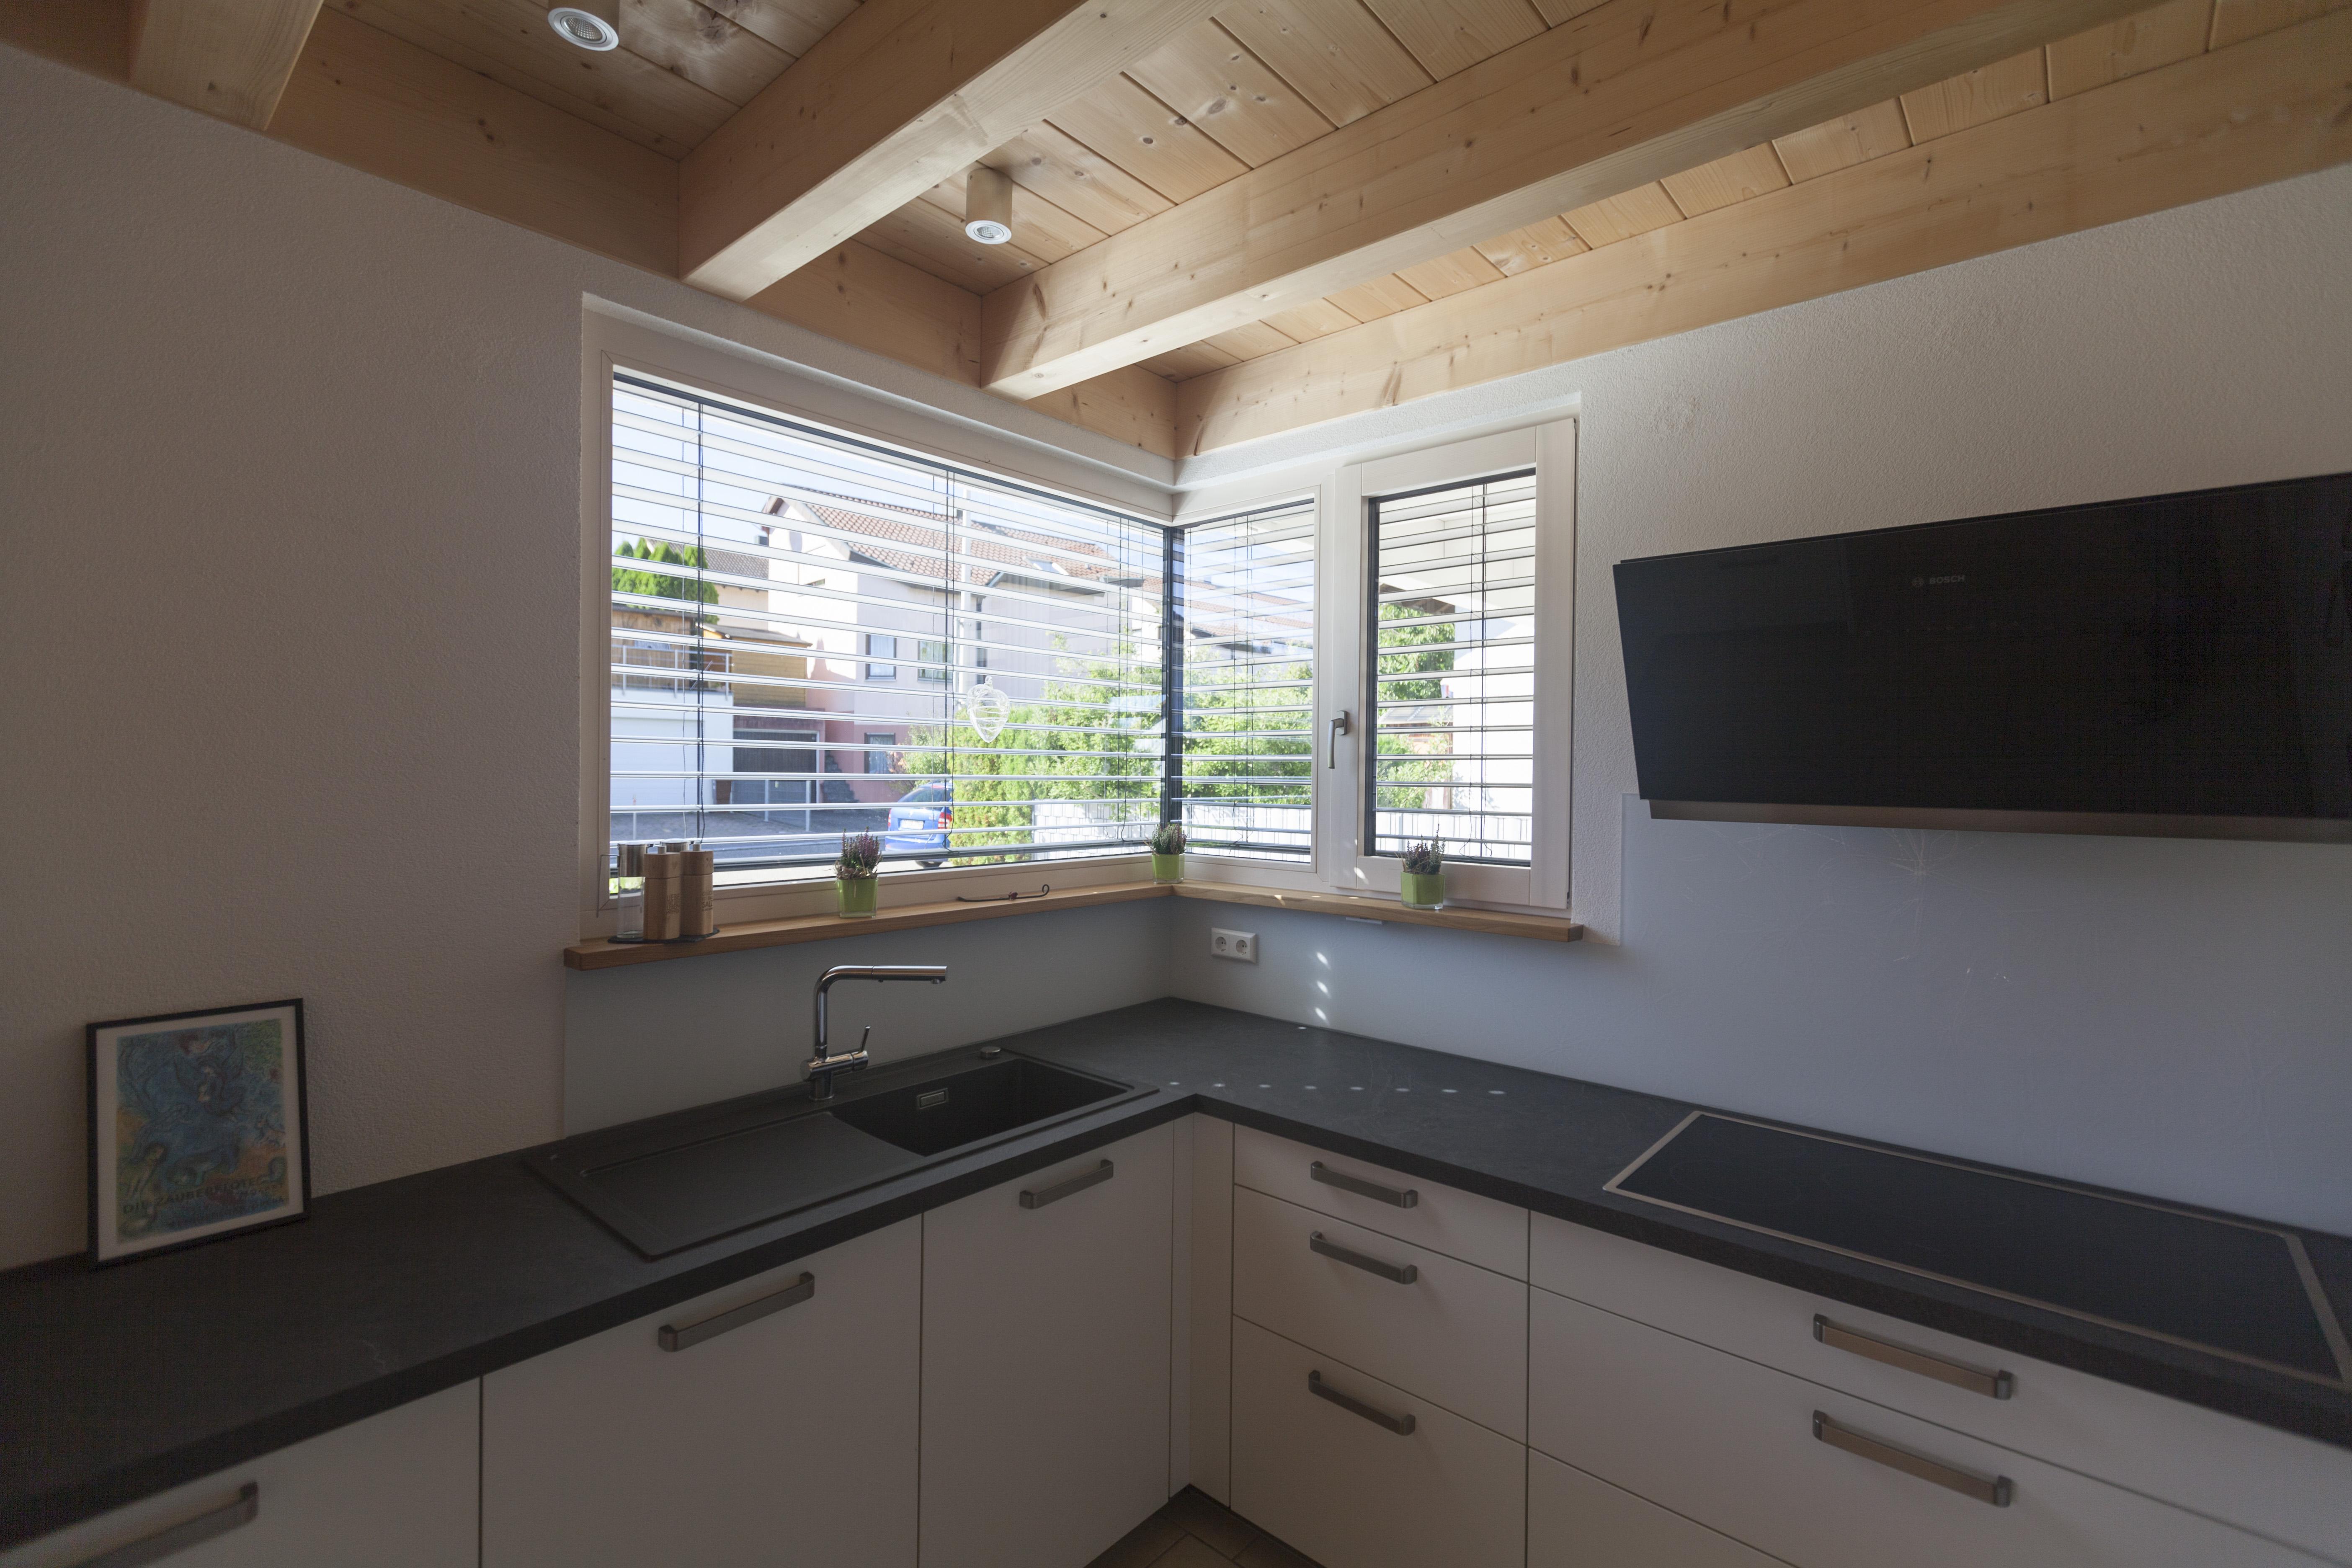 holz alu fenster bei einfamilienhaus in niefern pforzheimer fensterbau. Black Bedroom Furniture Sets. Home Design Ideas